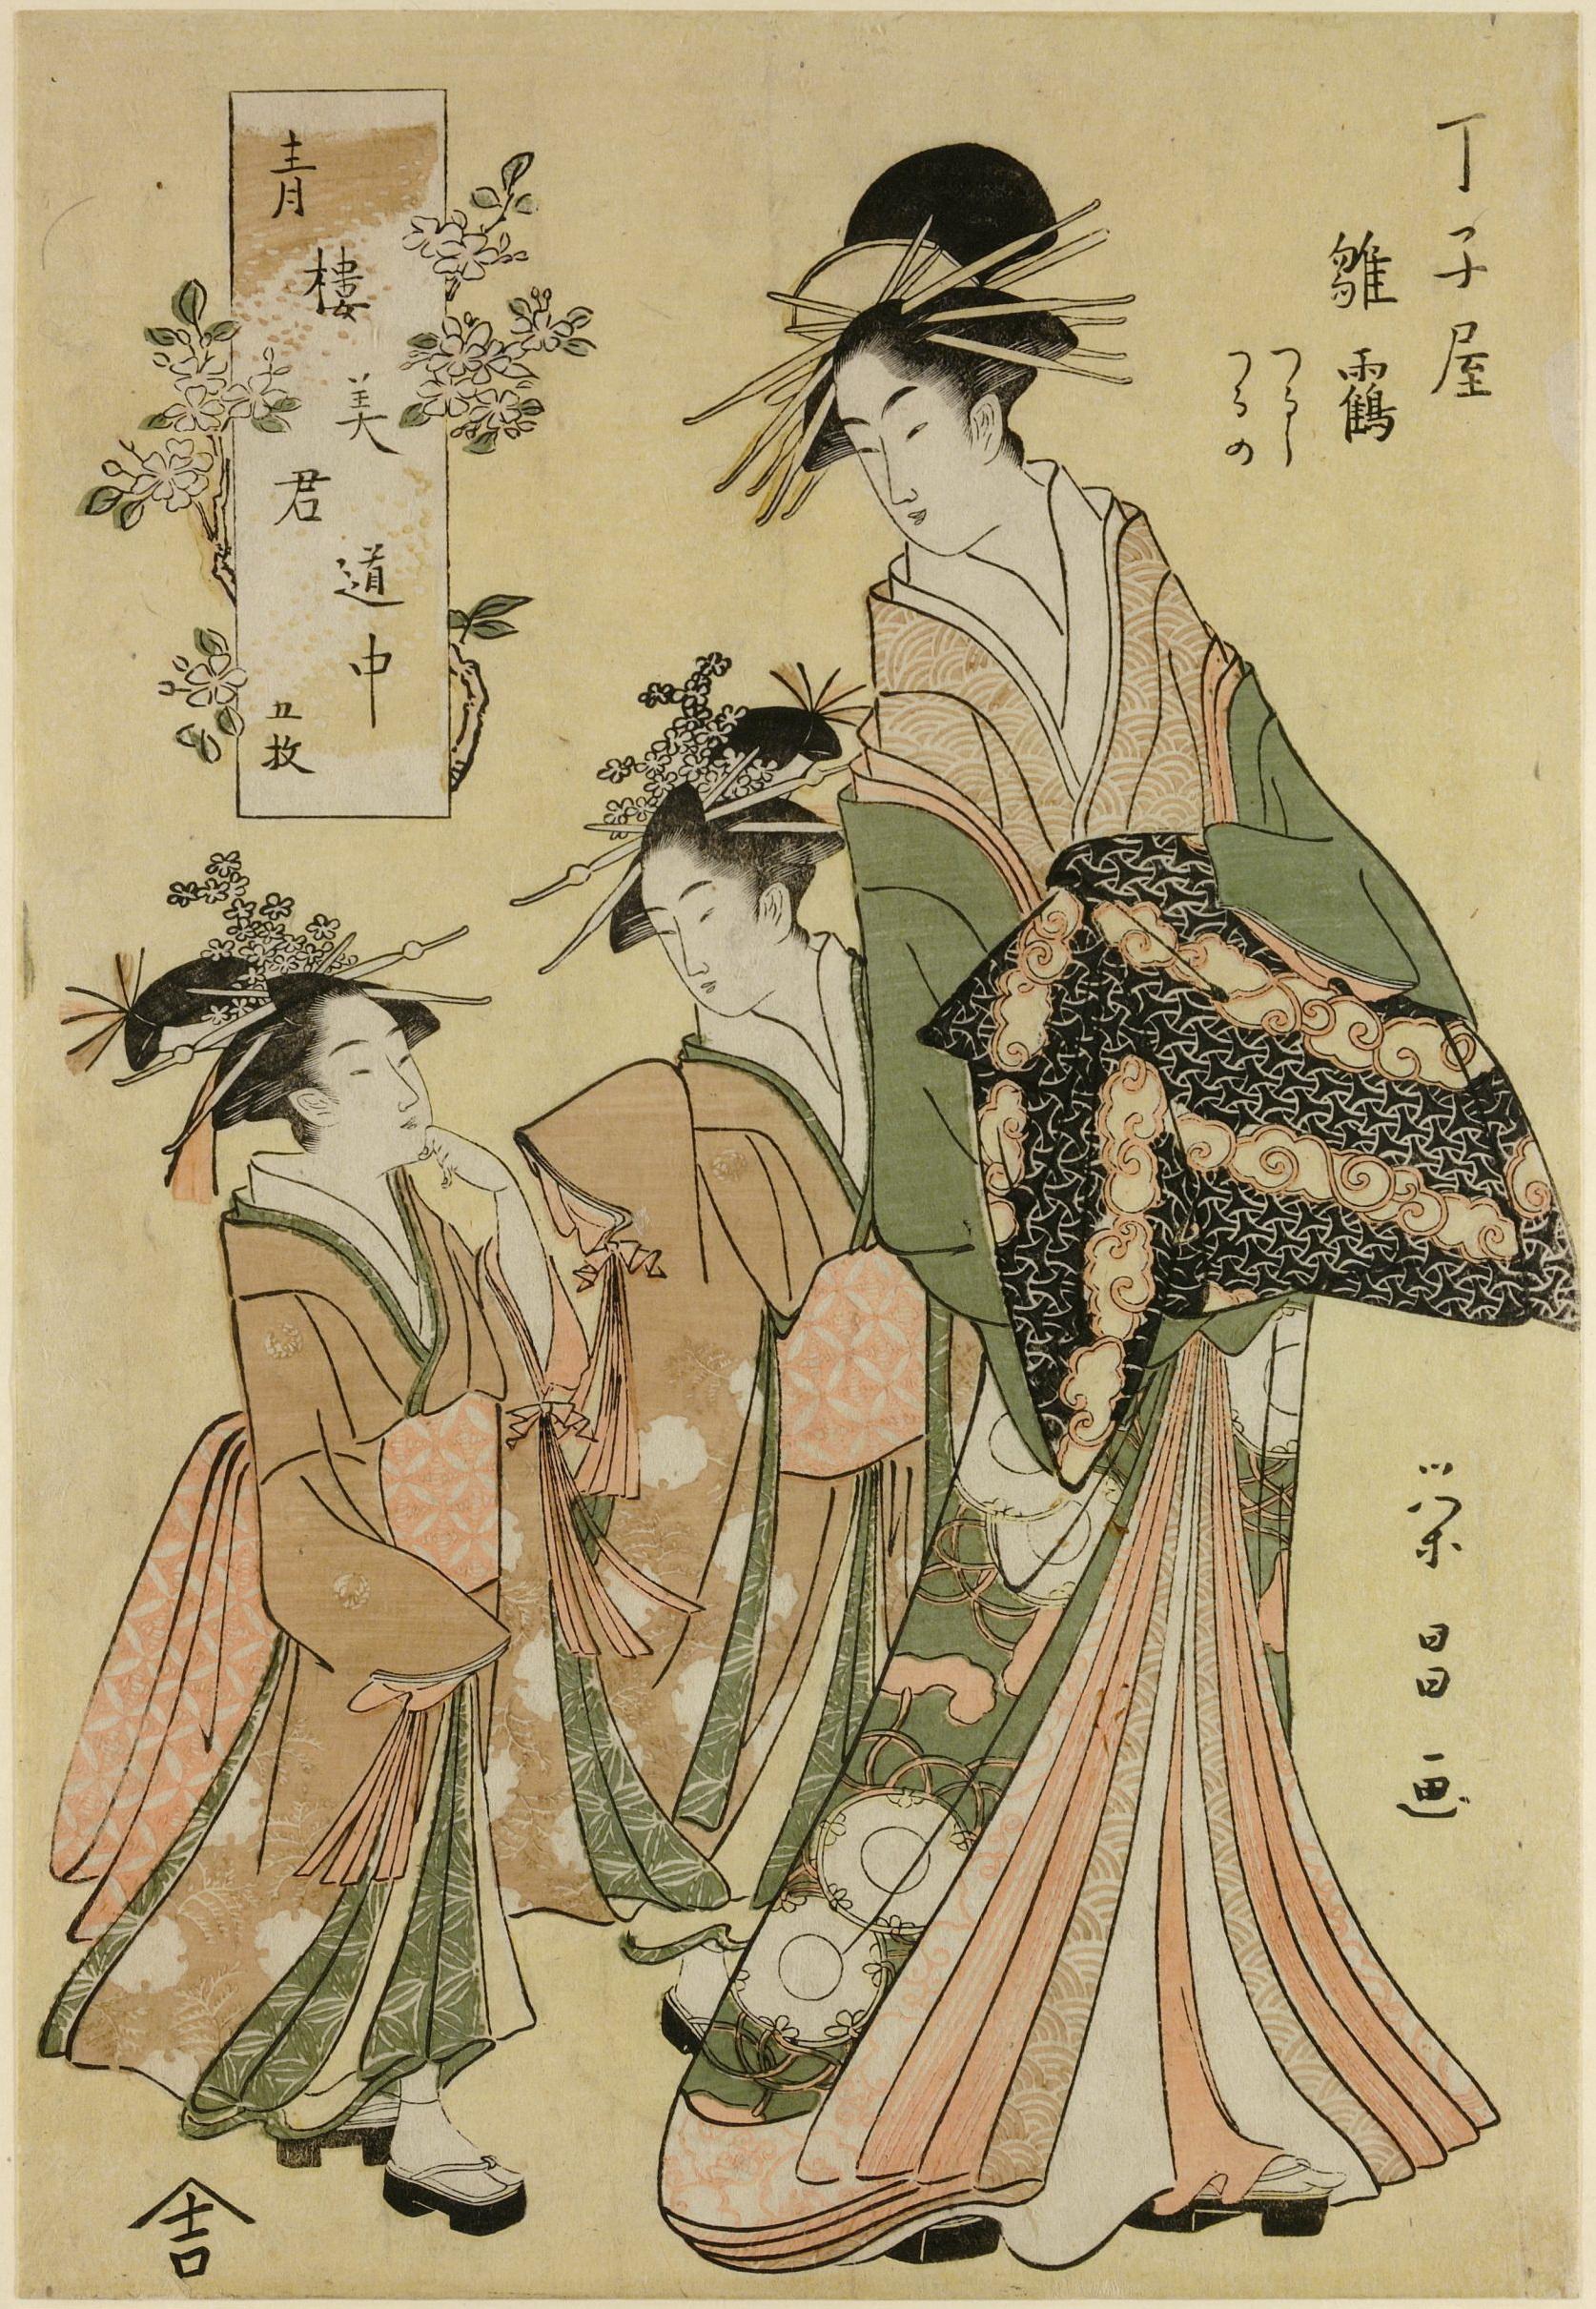 http://cp16.nevsepic.com.ua/256/25551/1448959030-kurtizanka-hinazuru-iz-chojiya-s-kamuro-tsurashi-i-tsurano.jpg